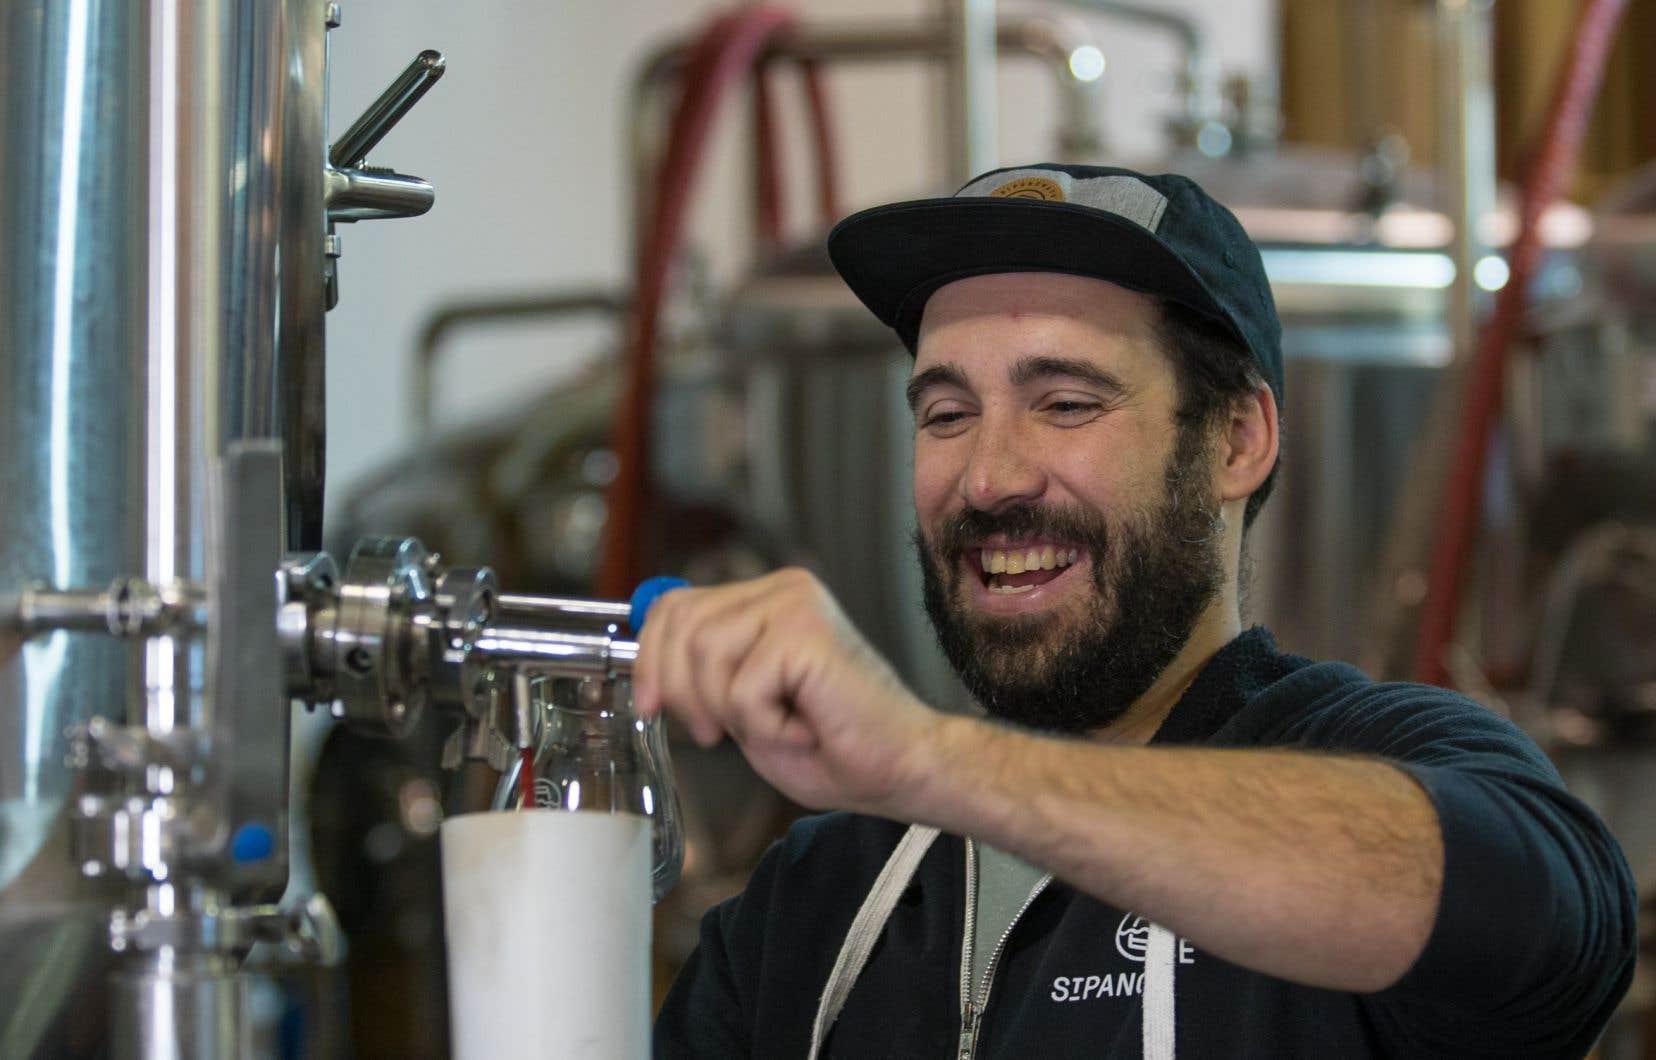 La Microbrasserie Saint-Pancrace, dont les bières sont inspirées du territoire de la région